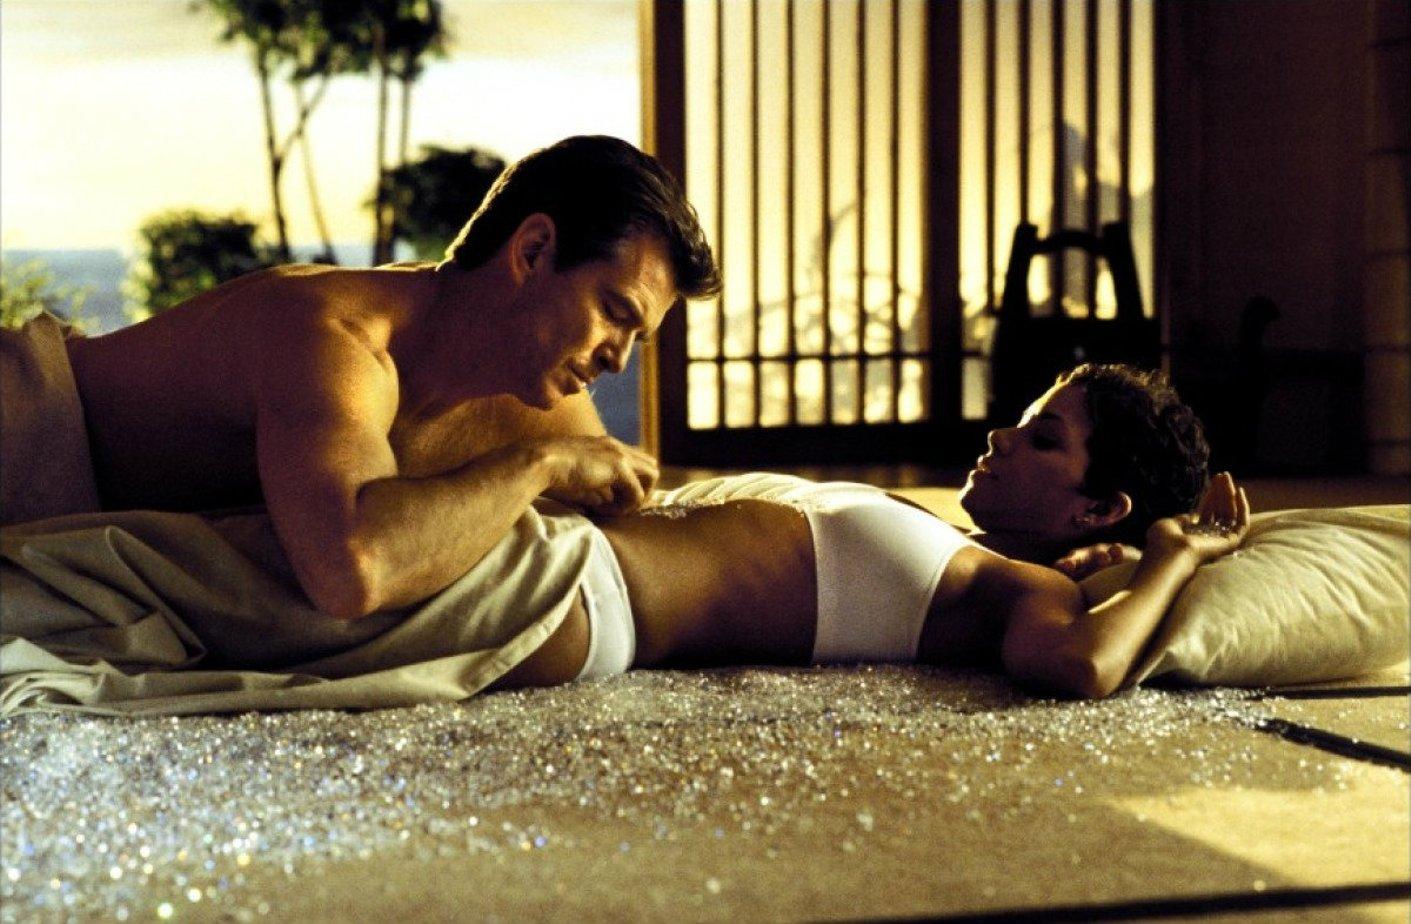 Секс голая женщина и мужчина голый фильм фильм